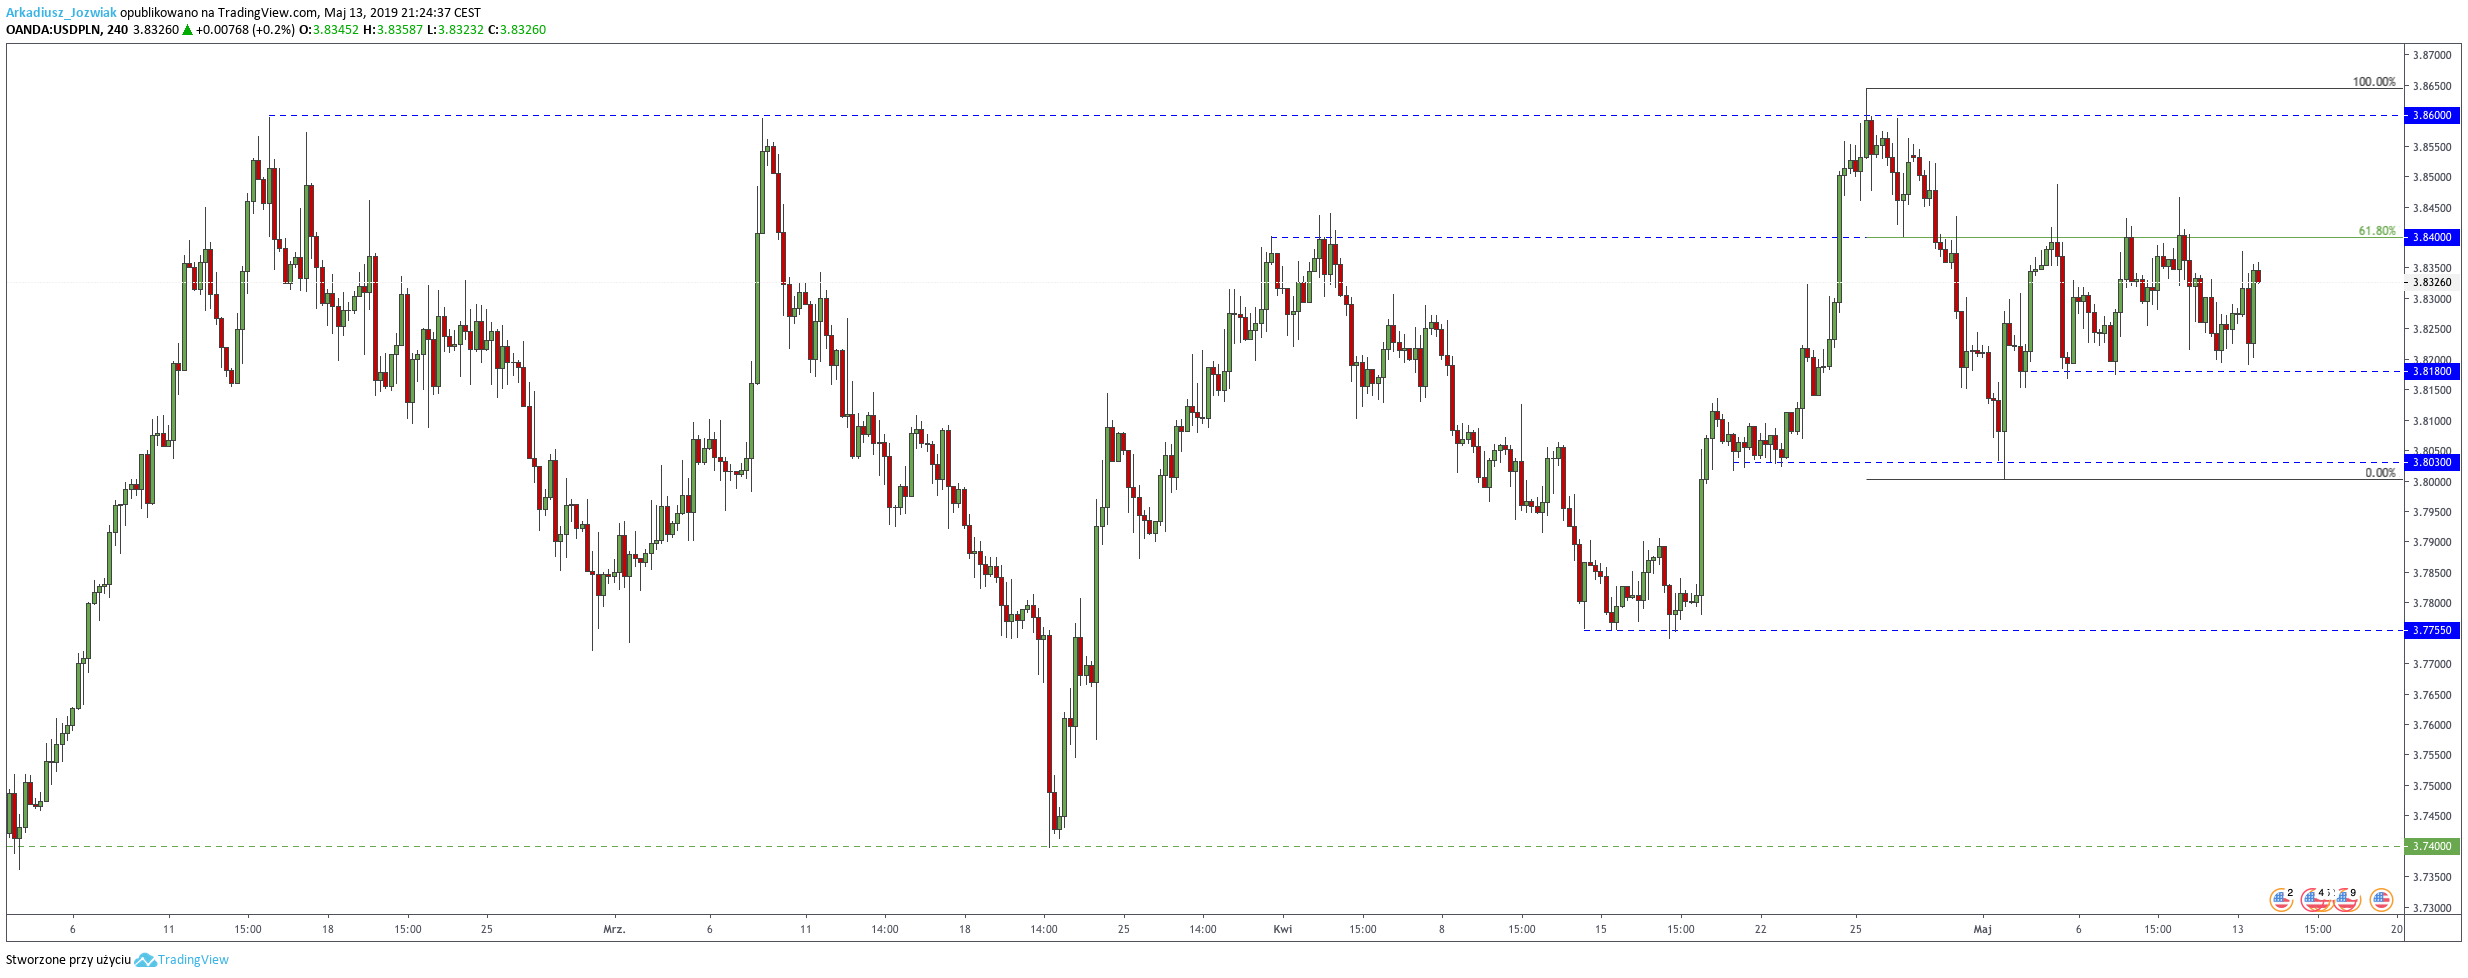 Kurs pary walutowej USDPLN w poniedziałek, 13 maja 2019 r.